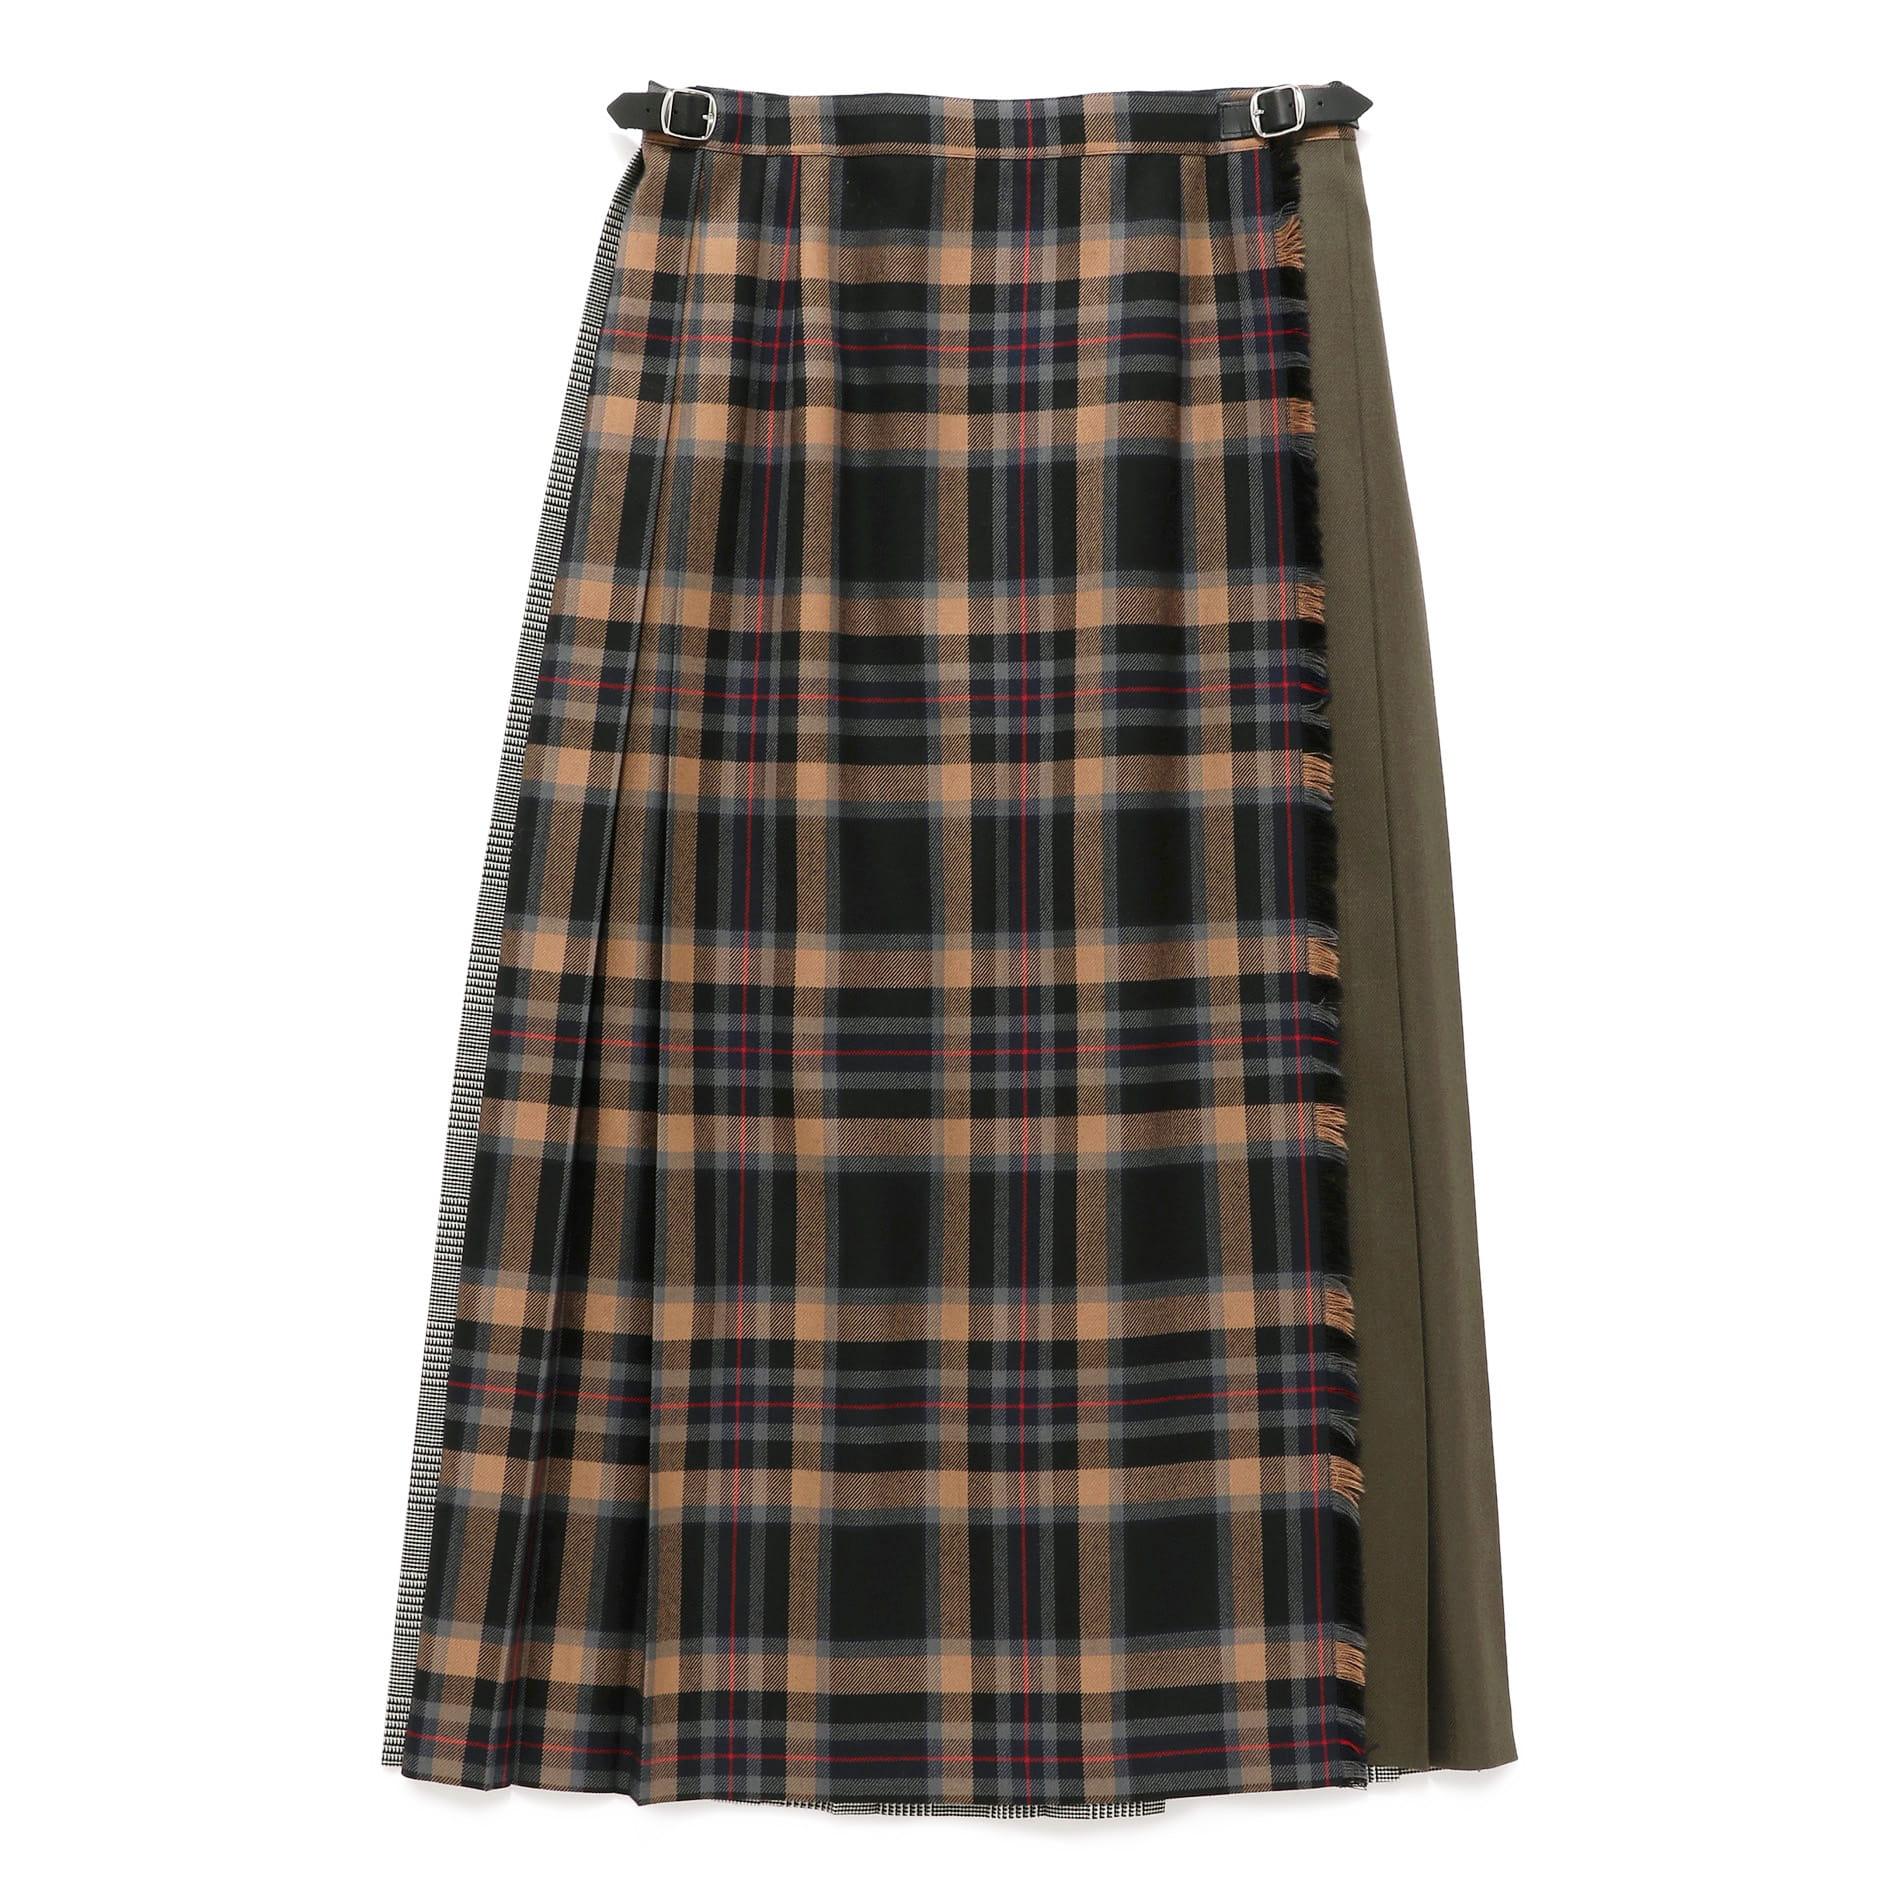 【予約販売】【MP STORE×O'NEIL OF DUBLIN】キルトスカート